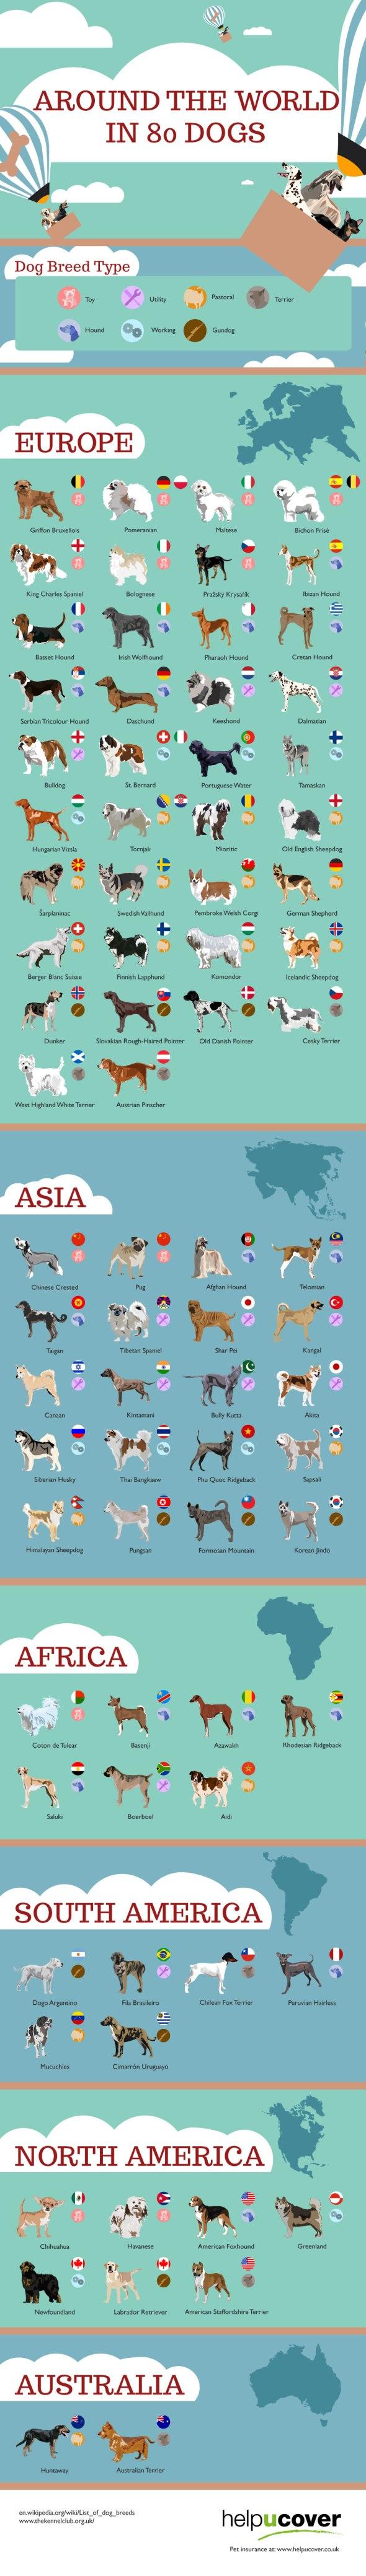 80_dogs_around_the_world_full